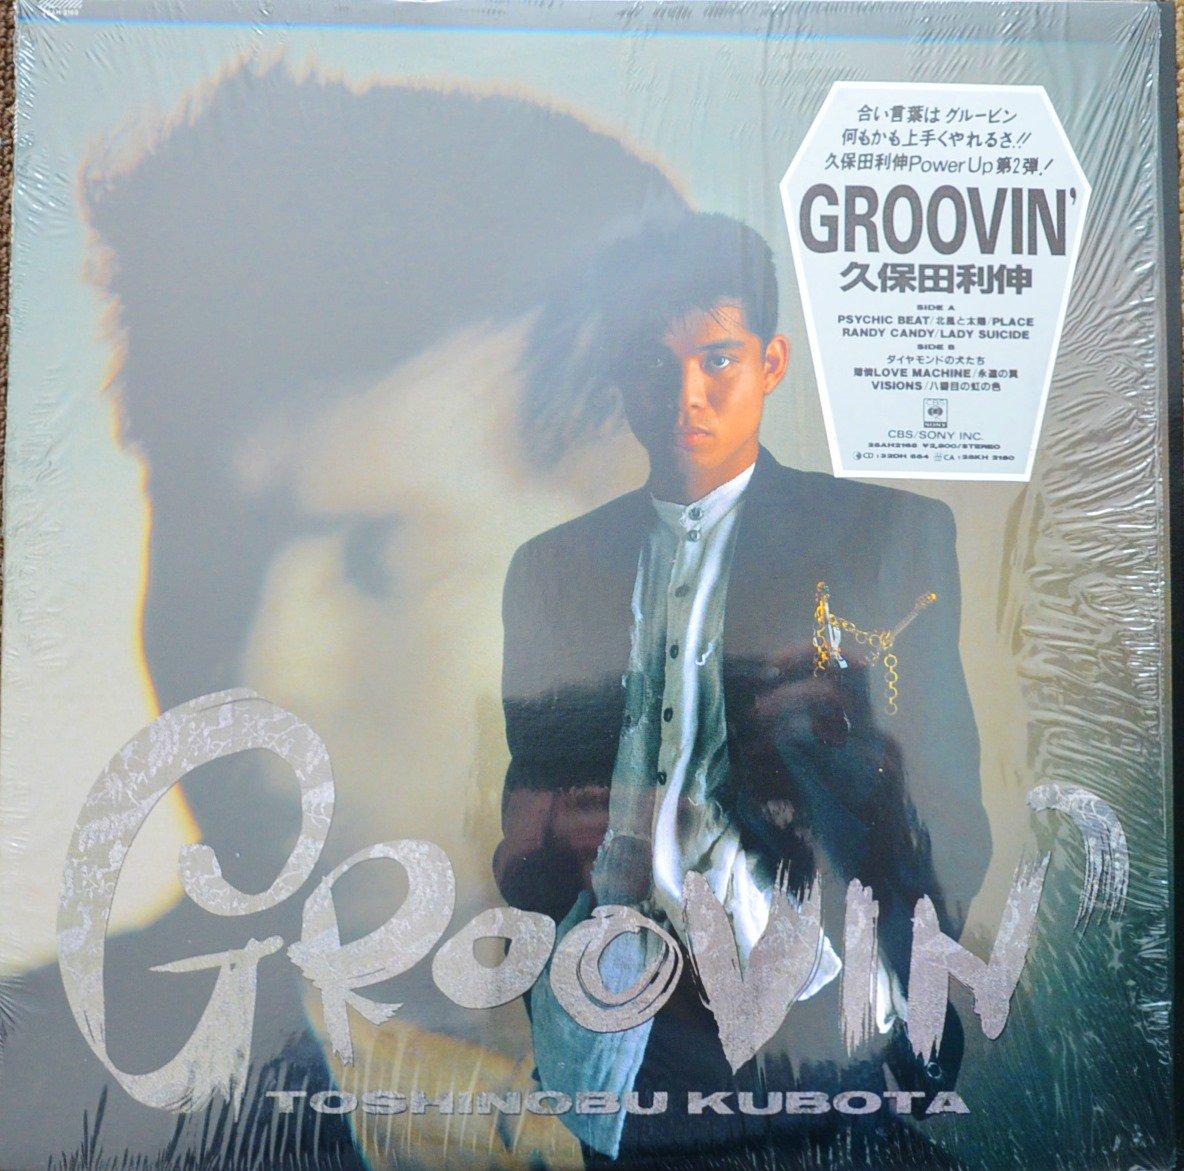 久保田利伸 TOSHINOBU KUBOTA / GROOVIN' (LP)